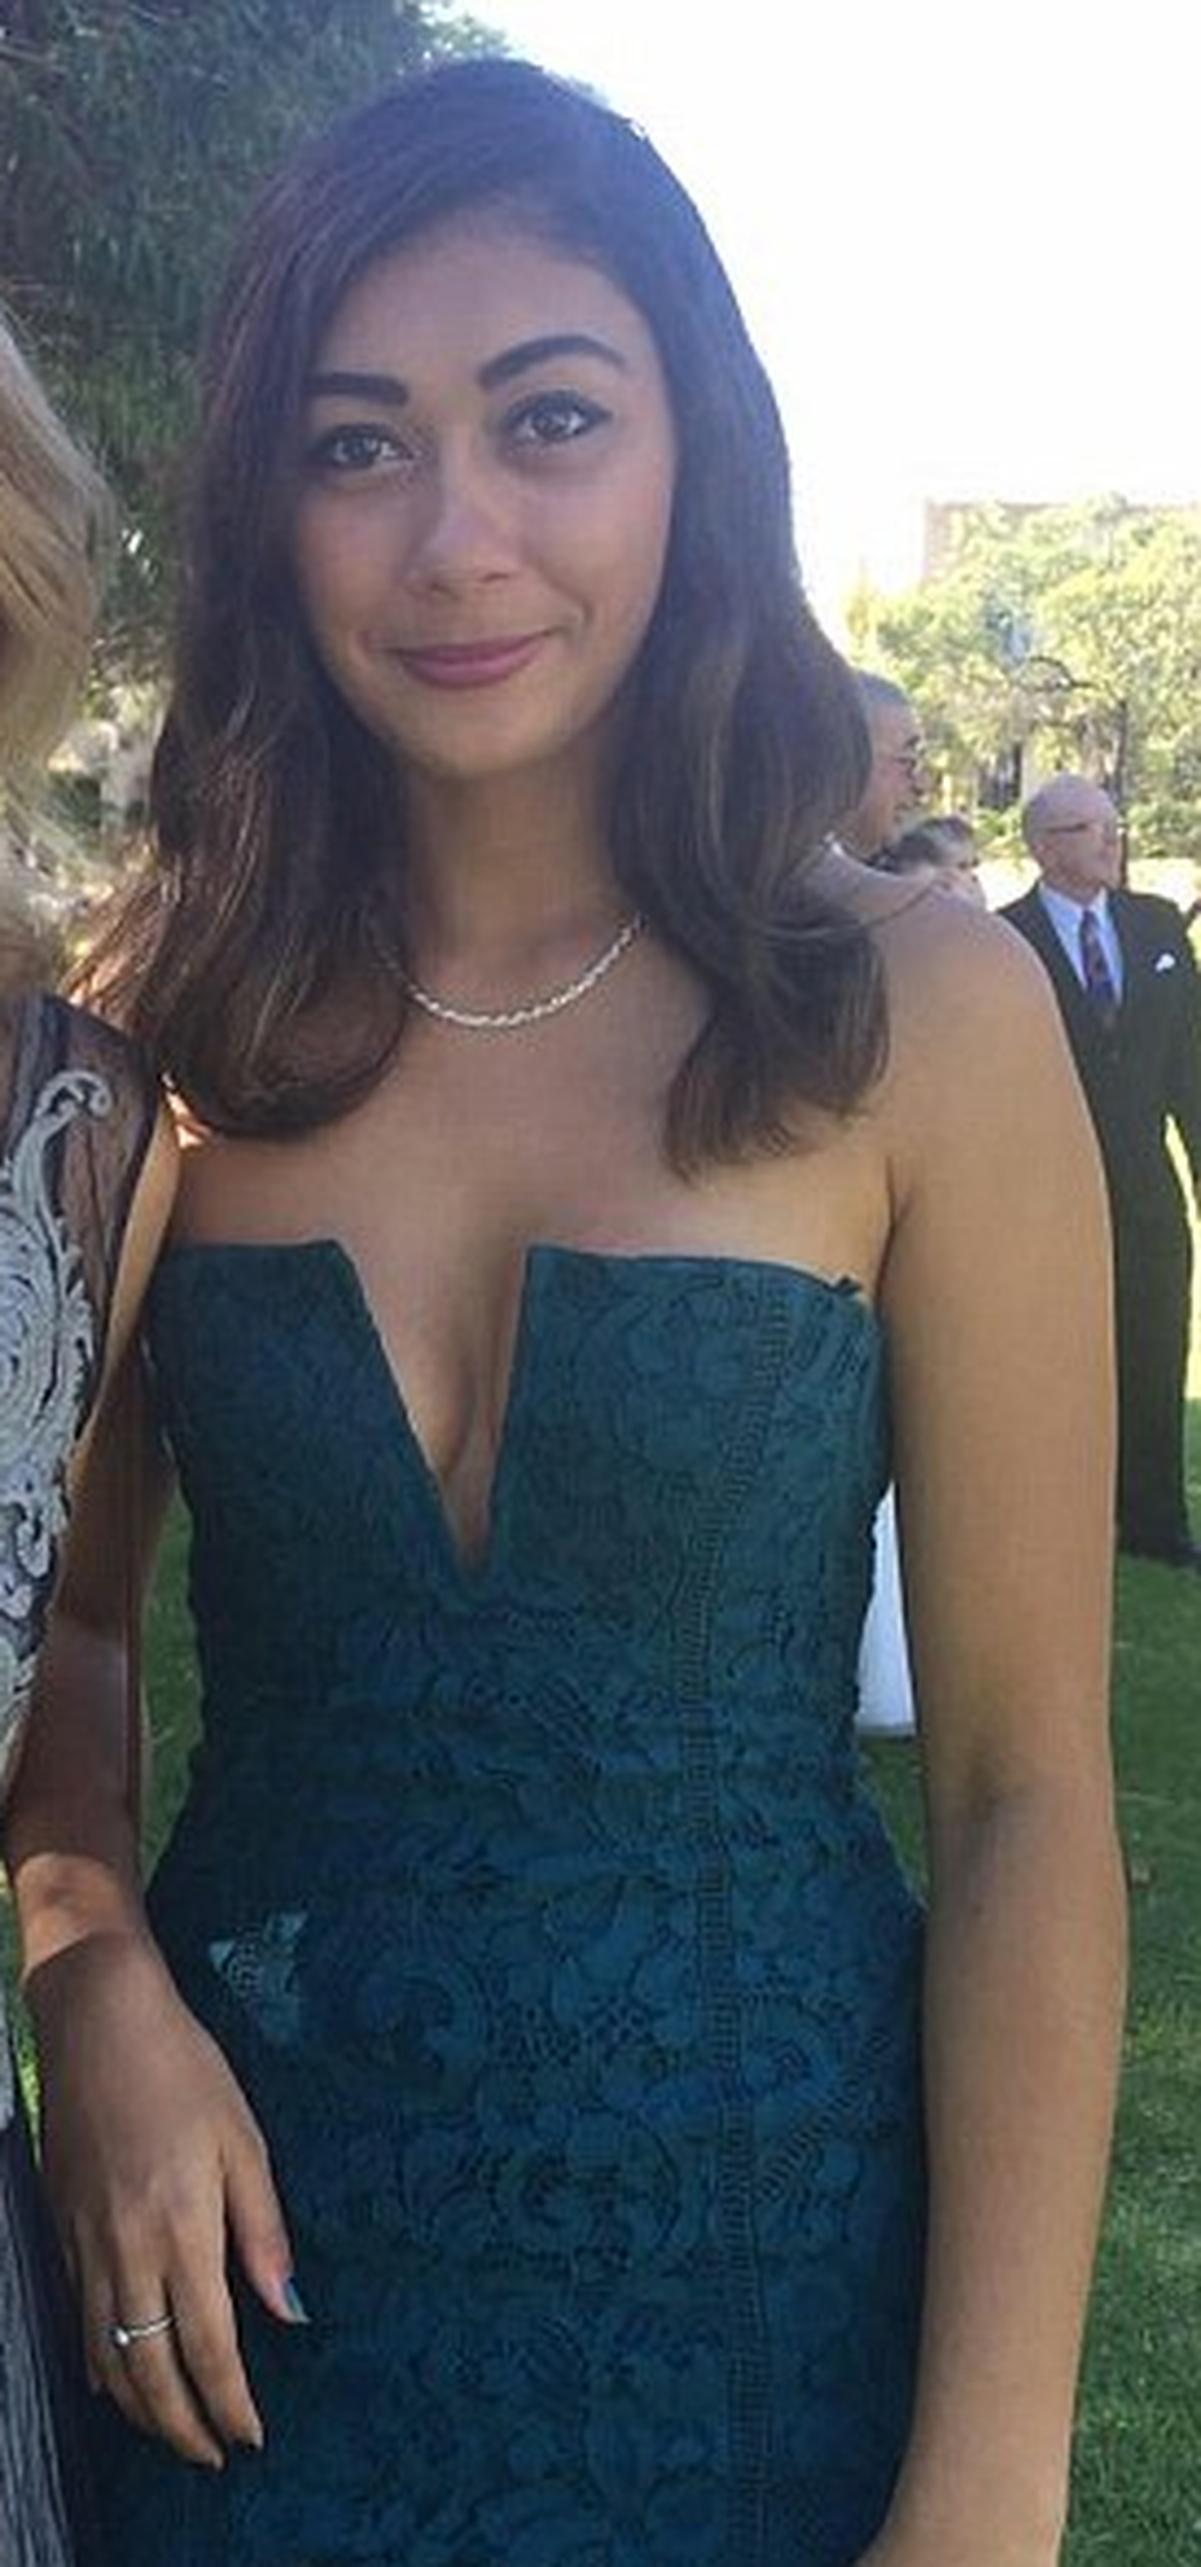 Kaia Delaney